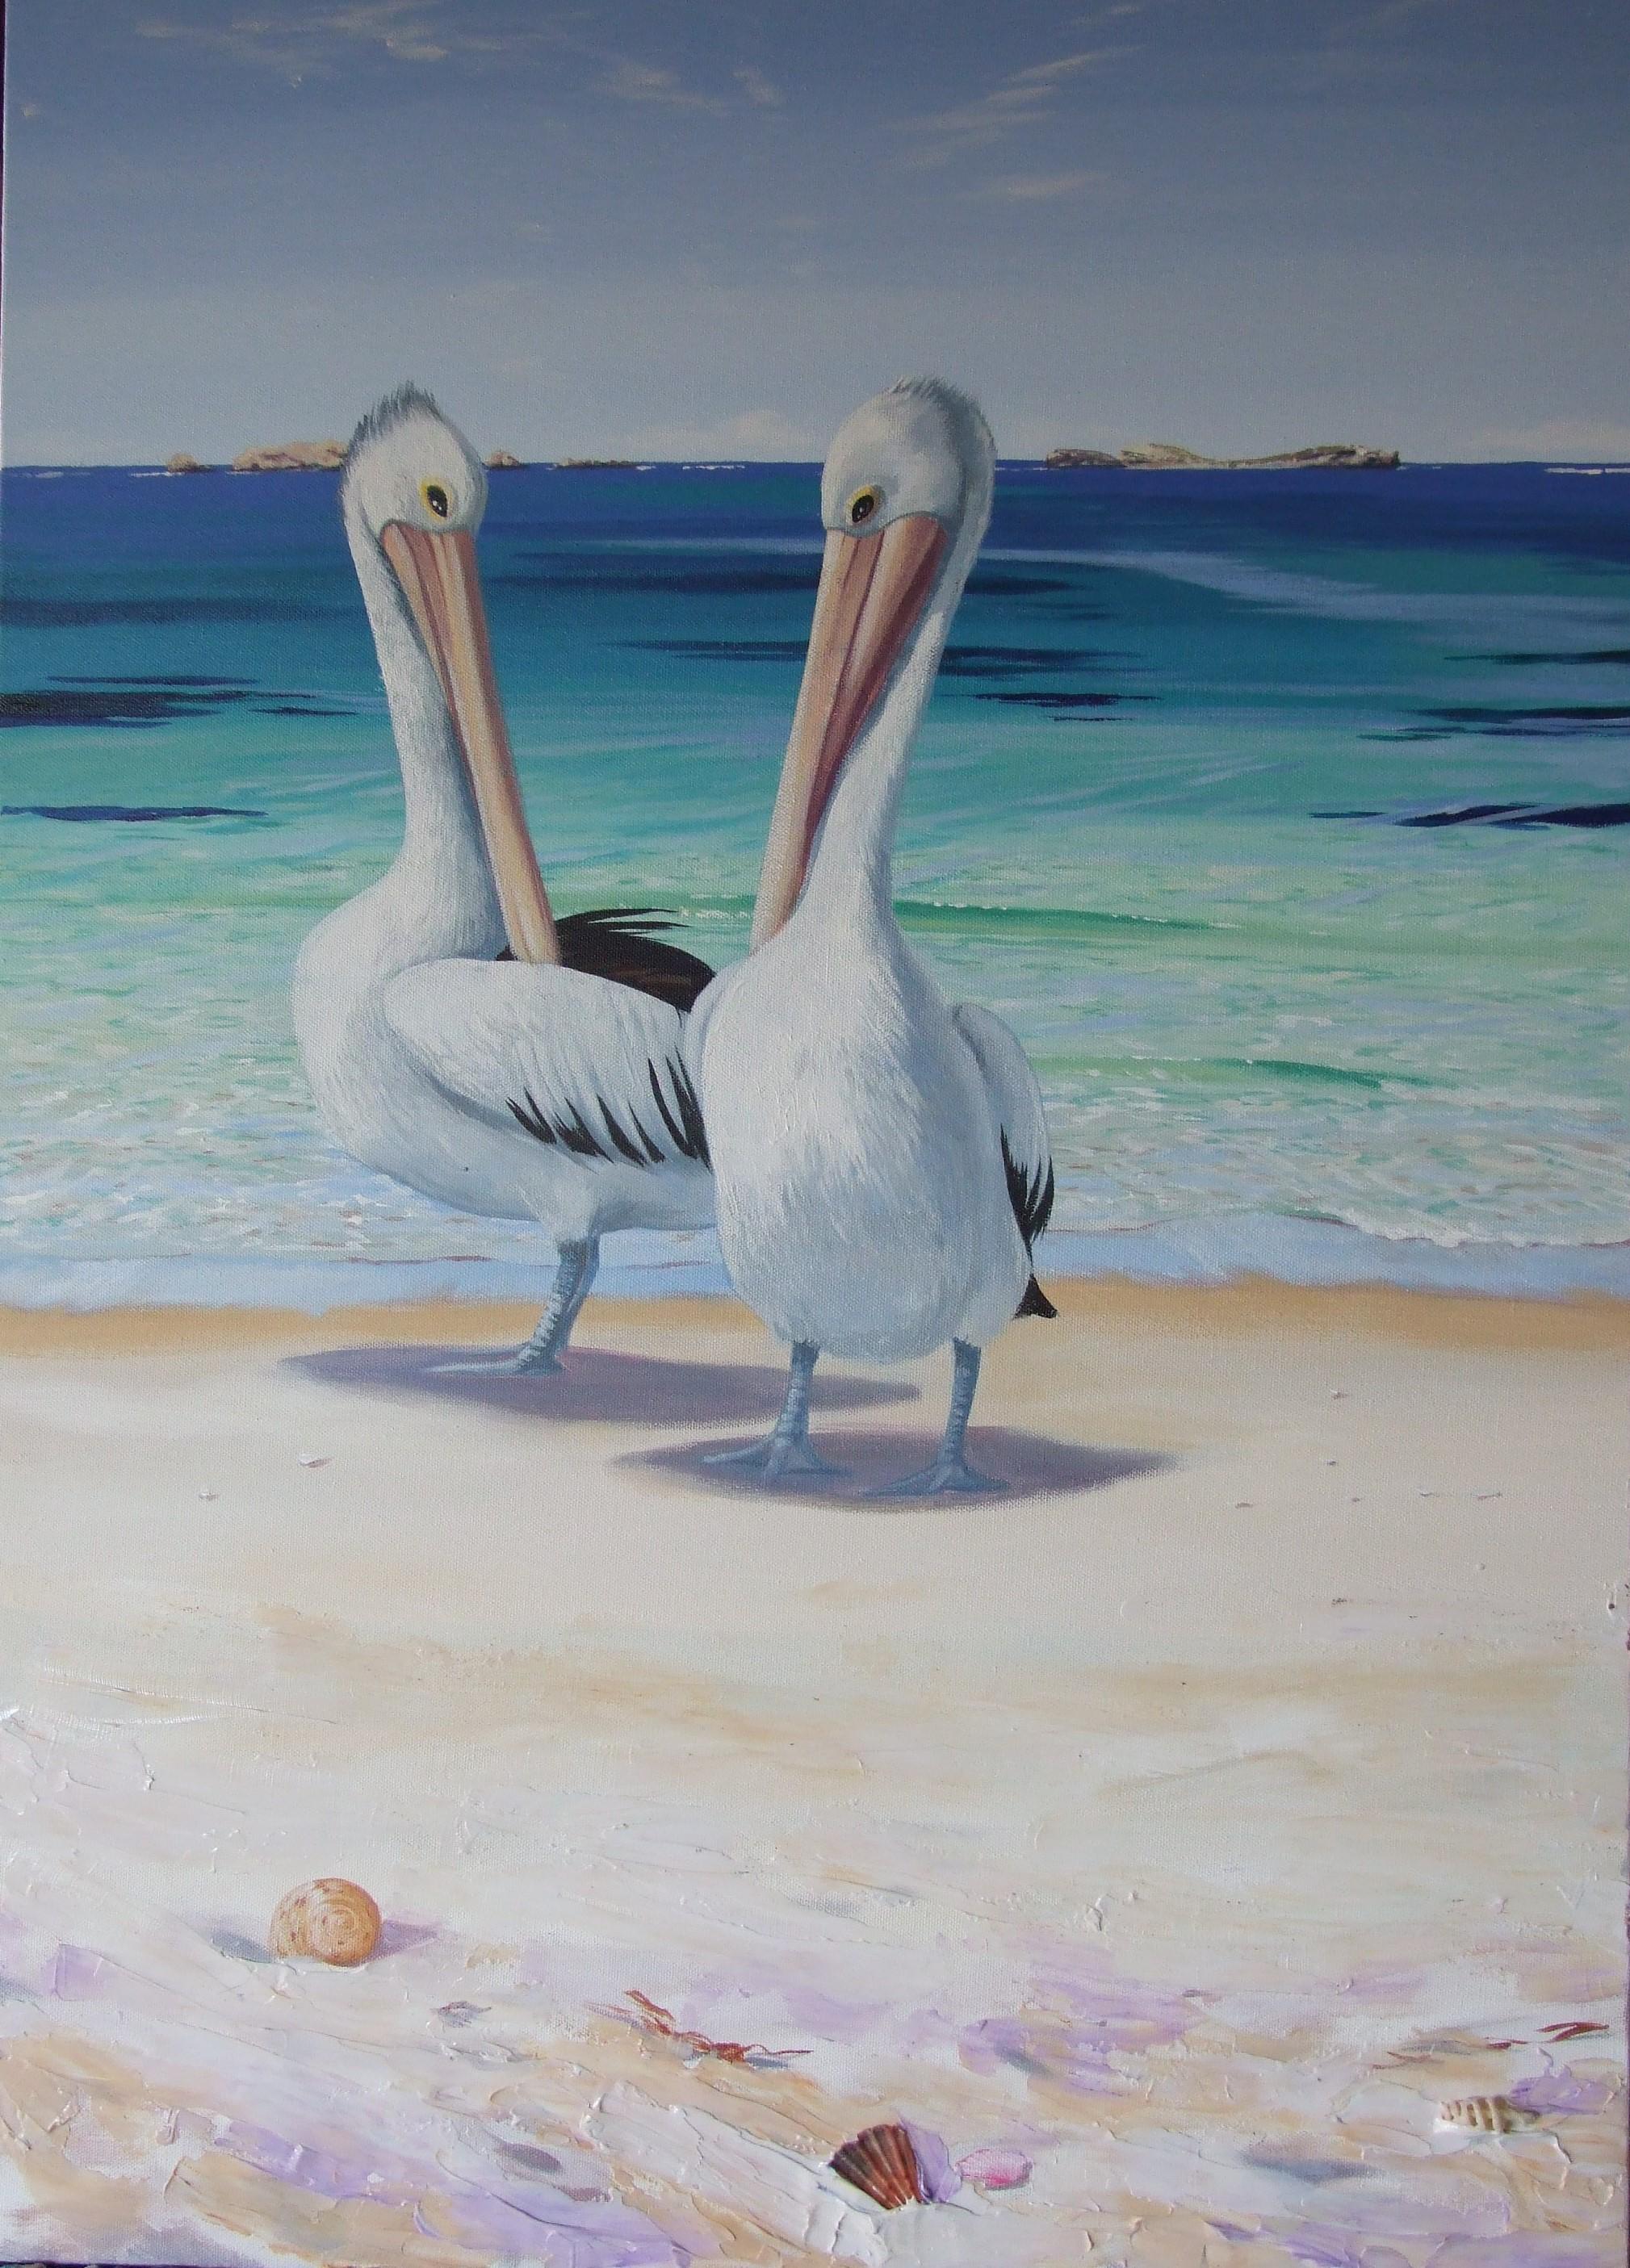 Resting-Pelicans, 1200 x 800mm